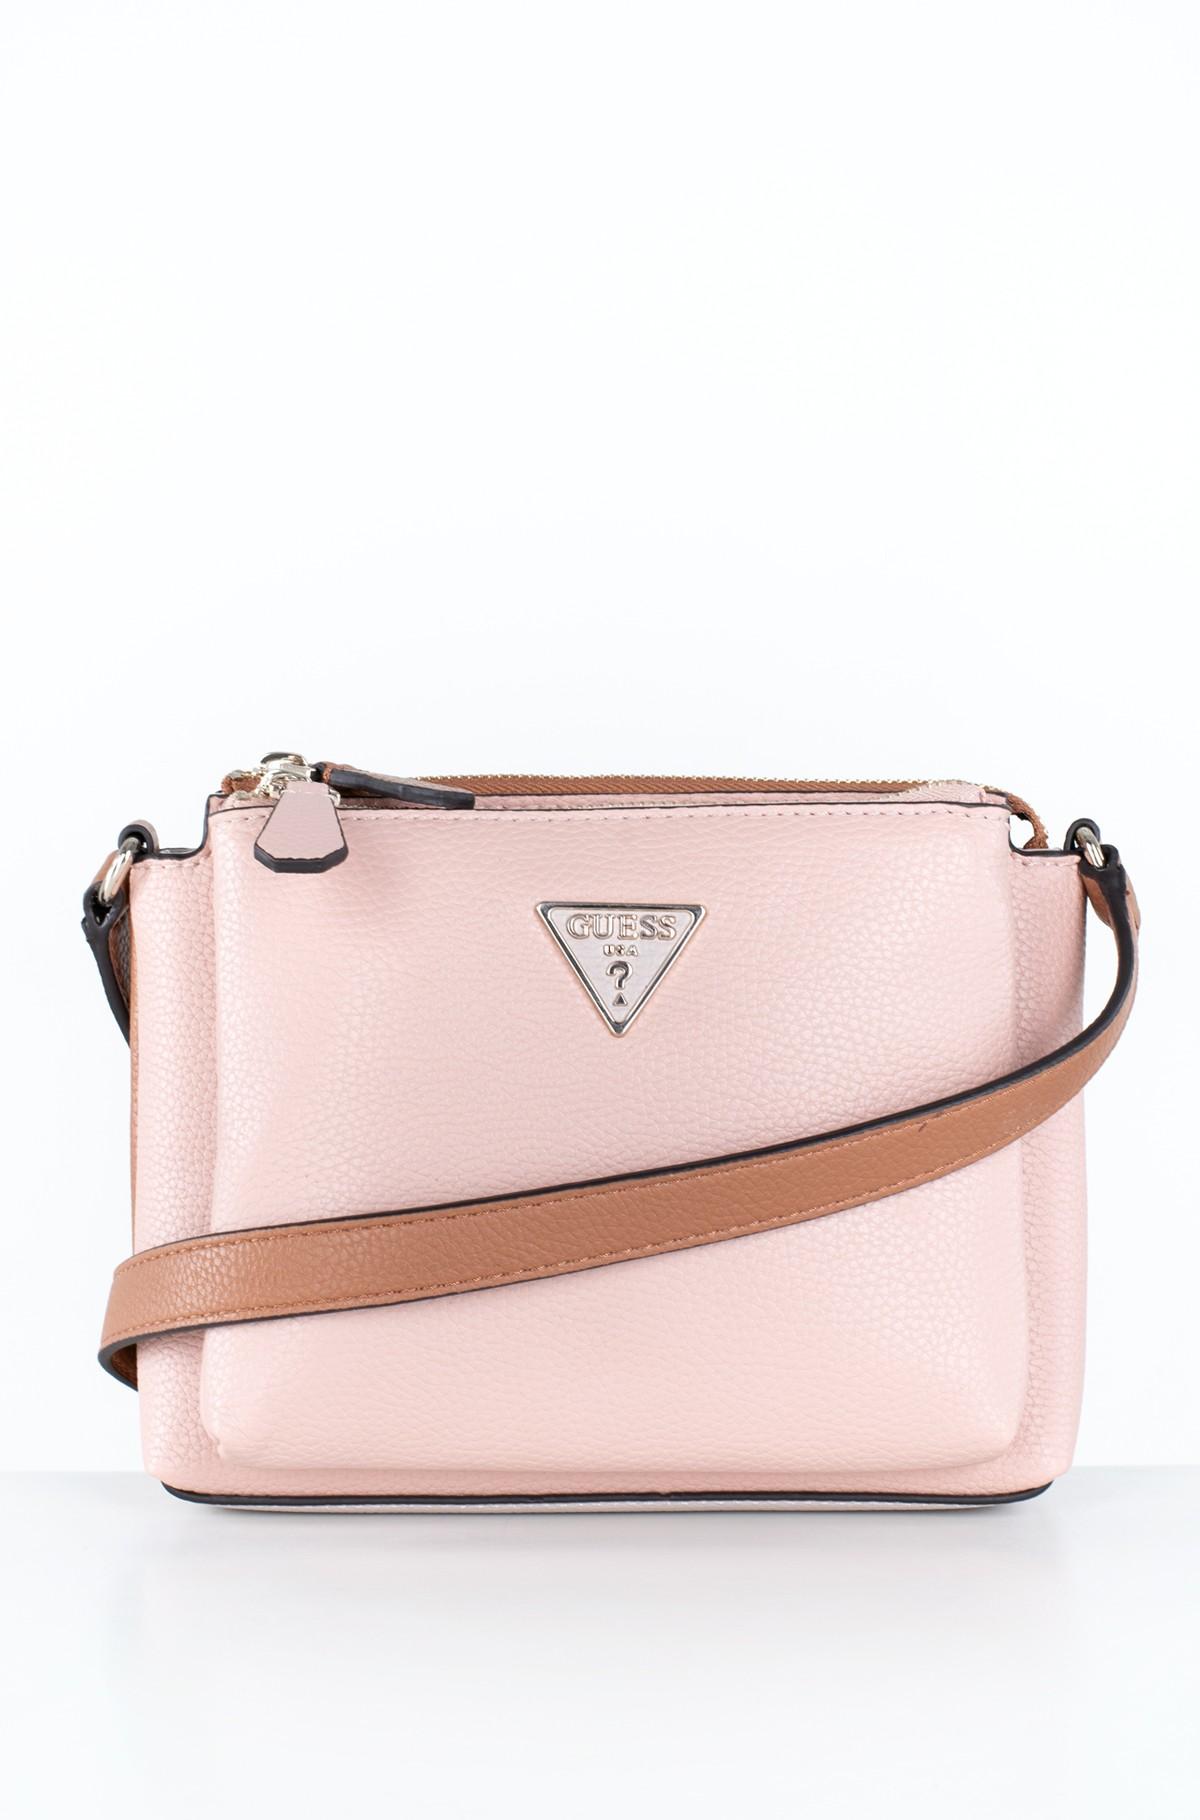 Shoulder bag HWVG77 42690-full-2